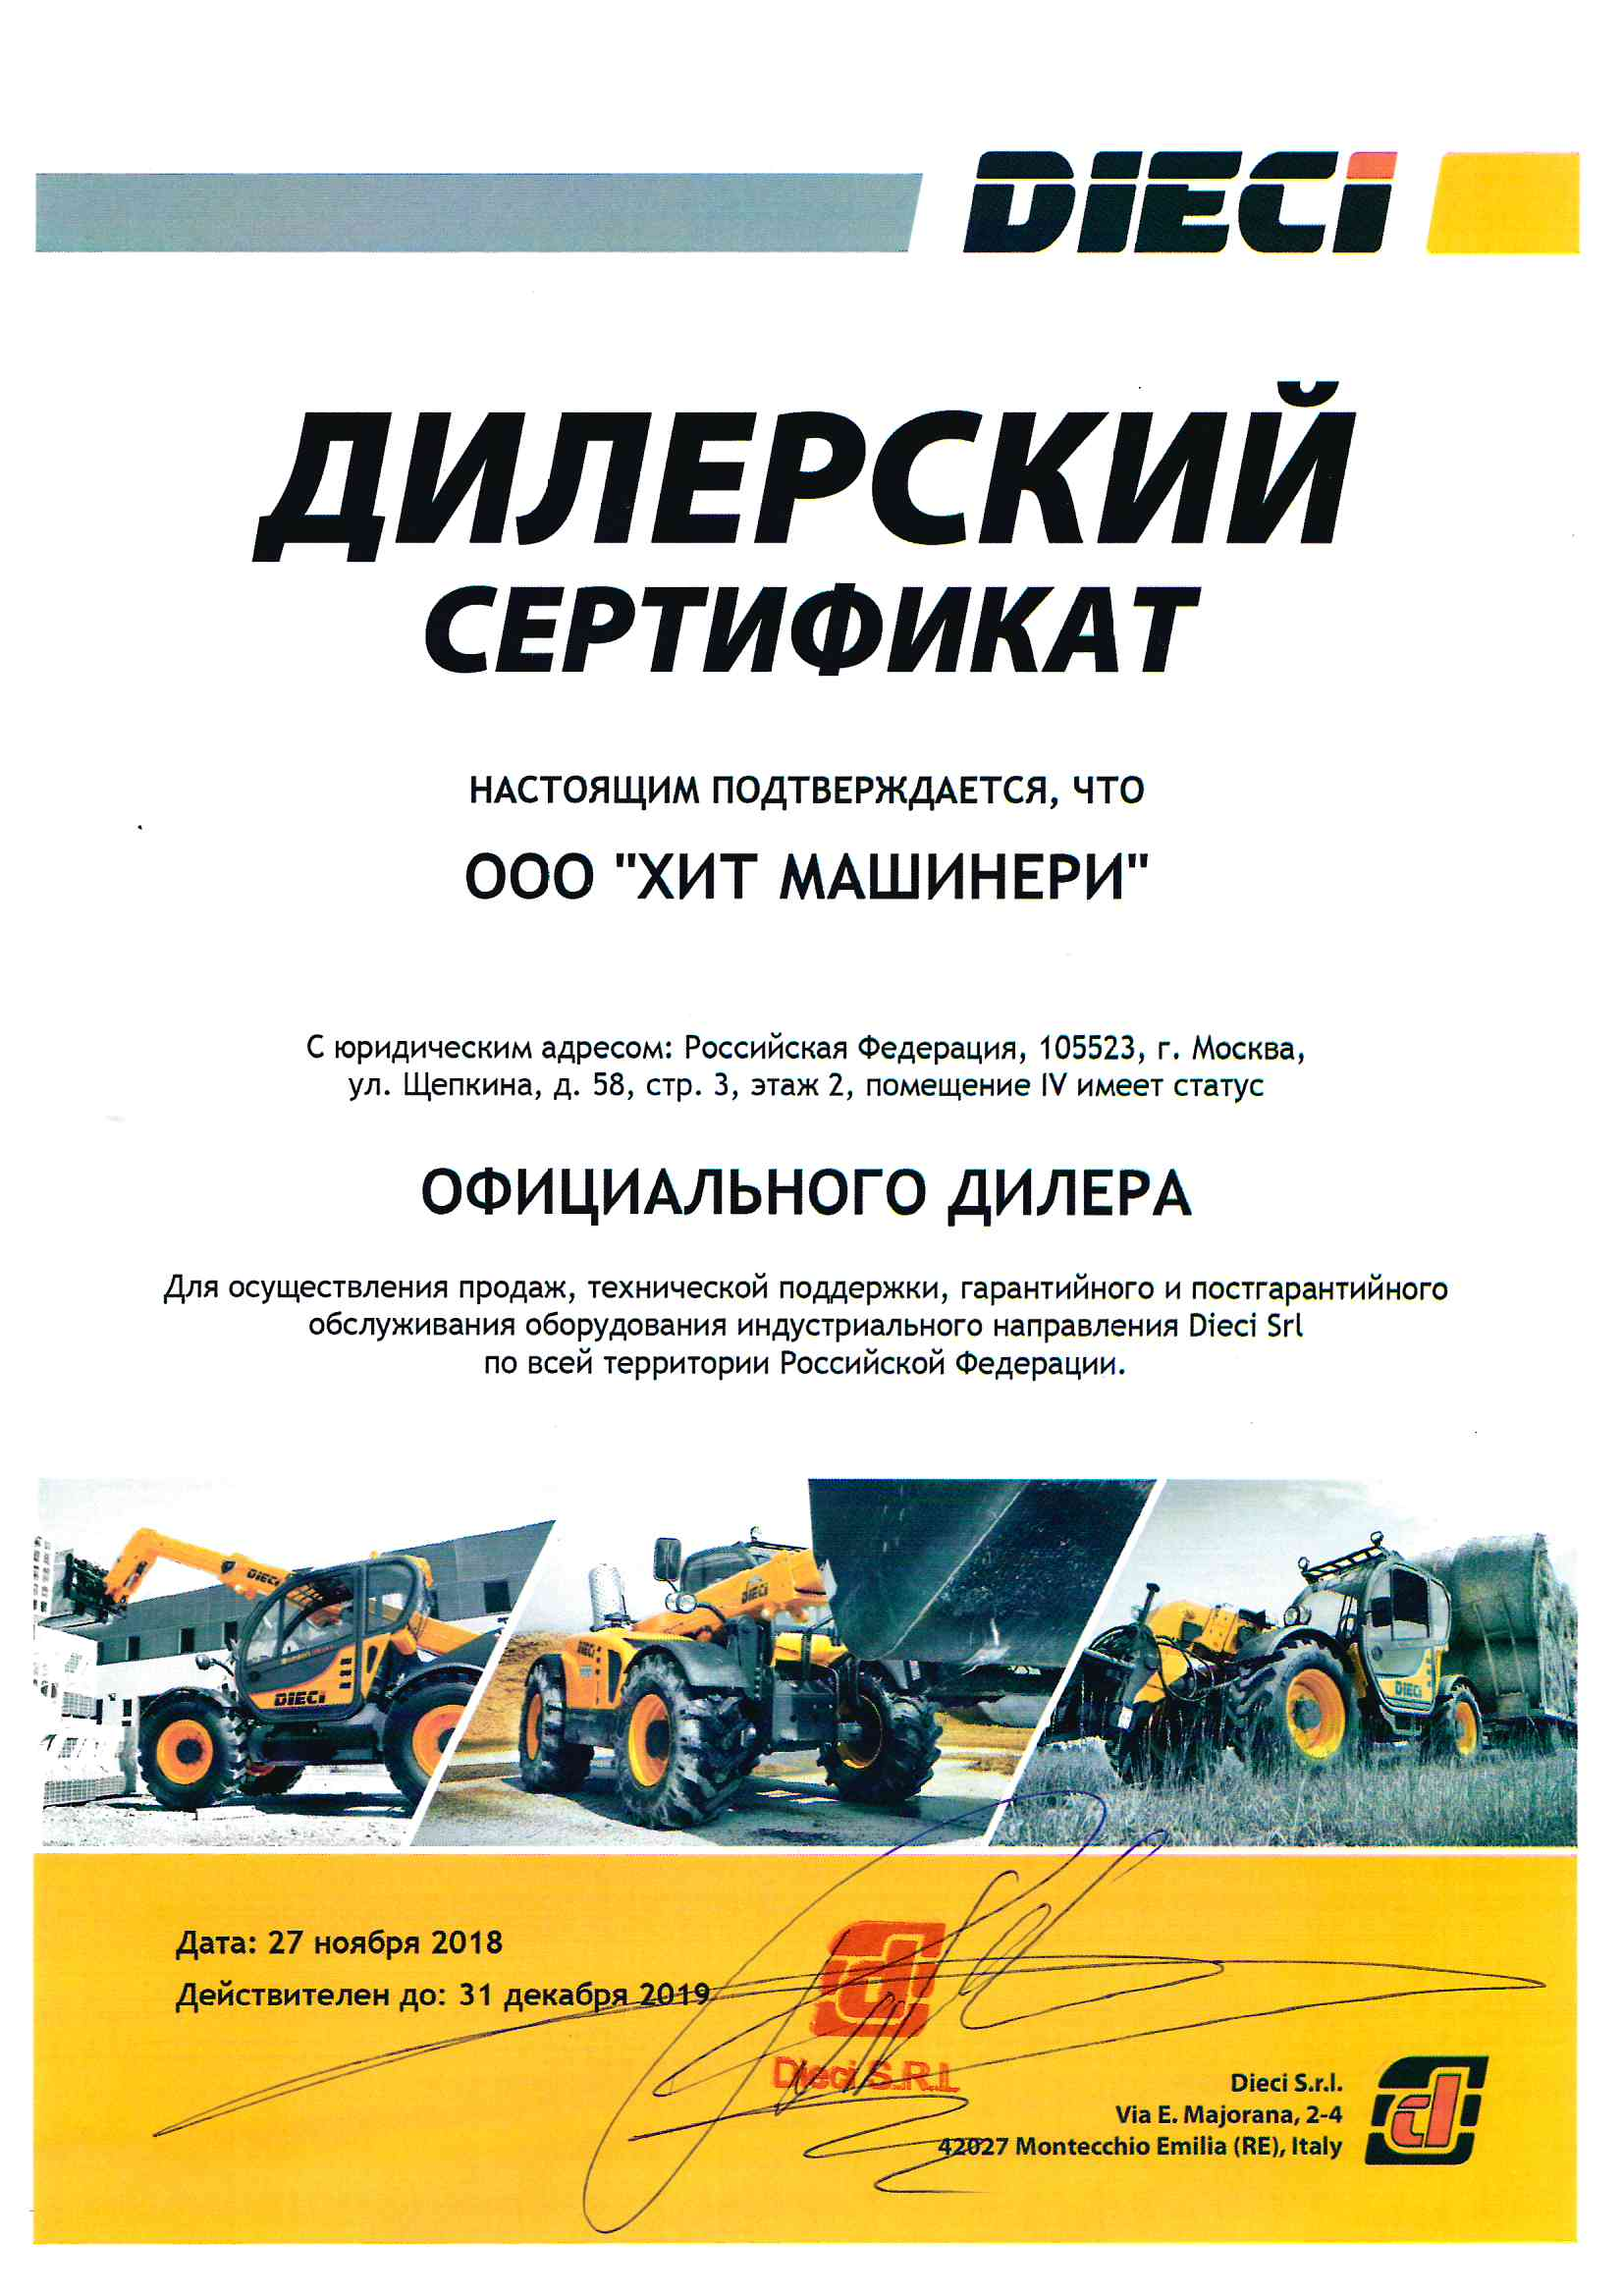 «Хит Машинери» стала официальным дистрибьютором итальянской компании DIECI на территории России.